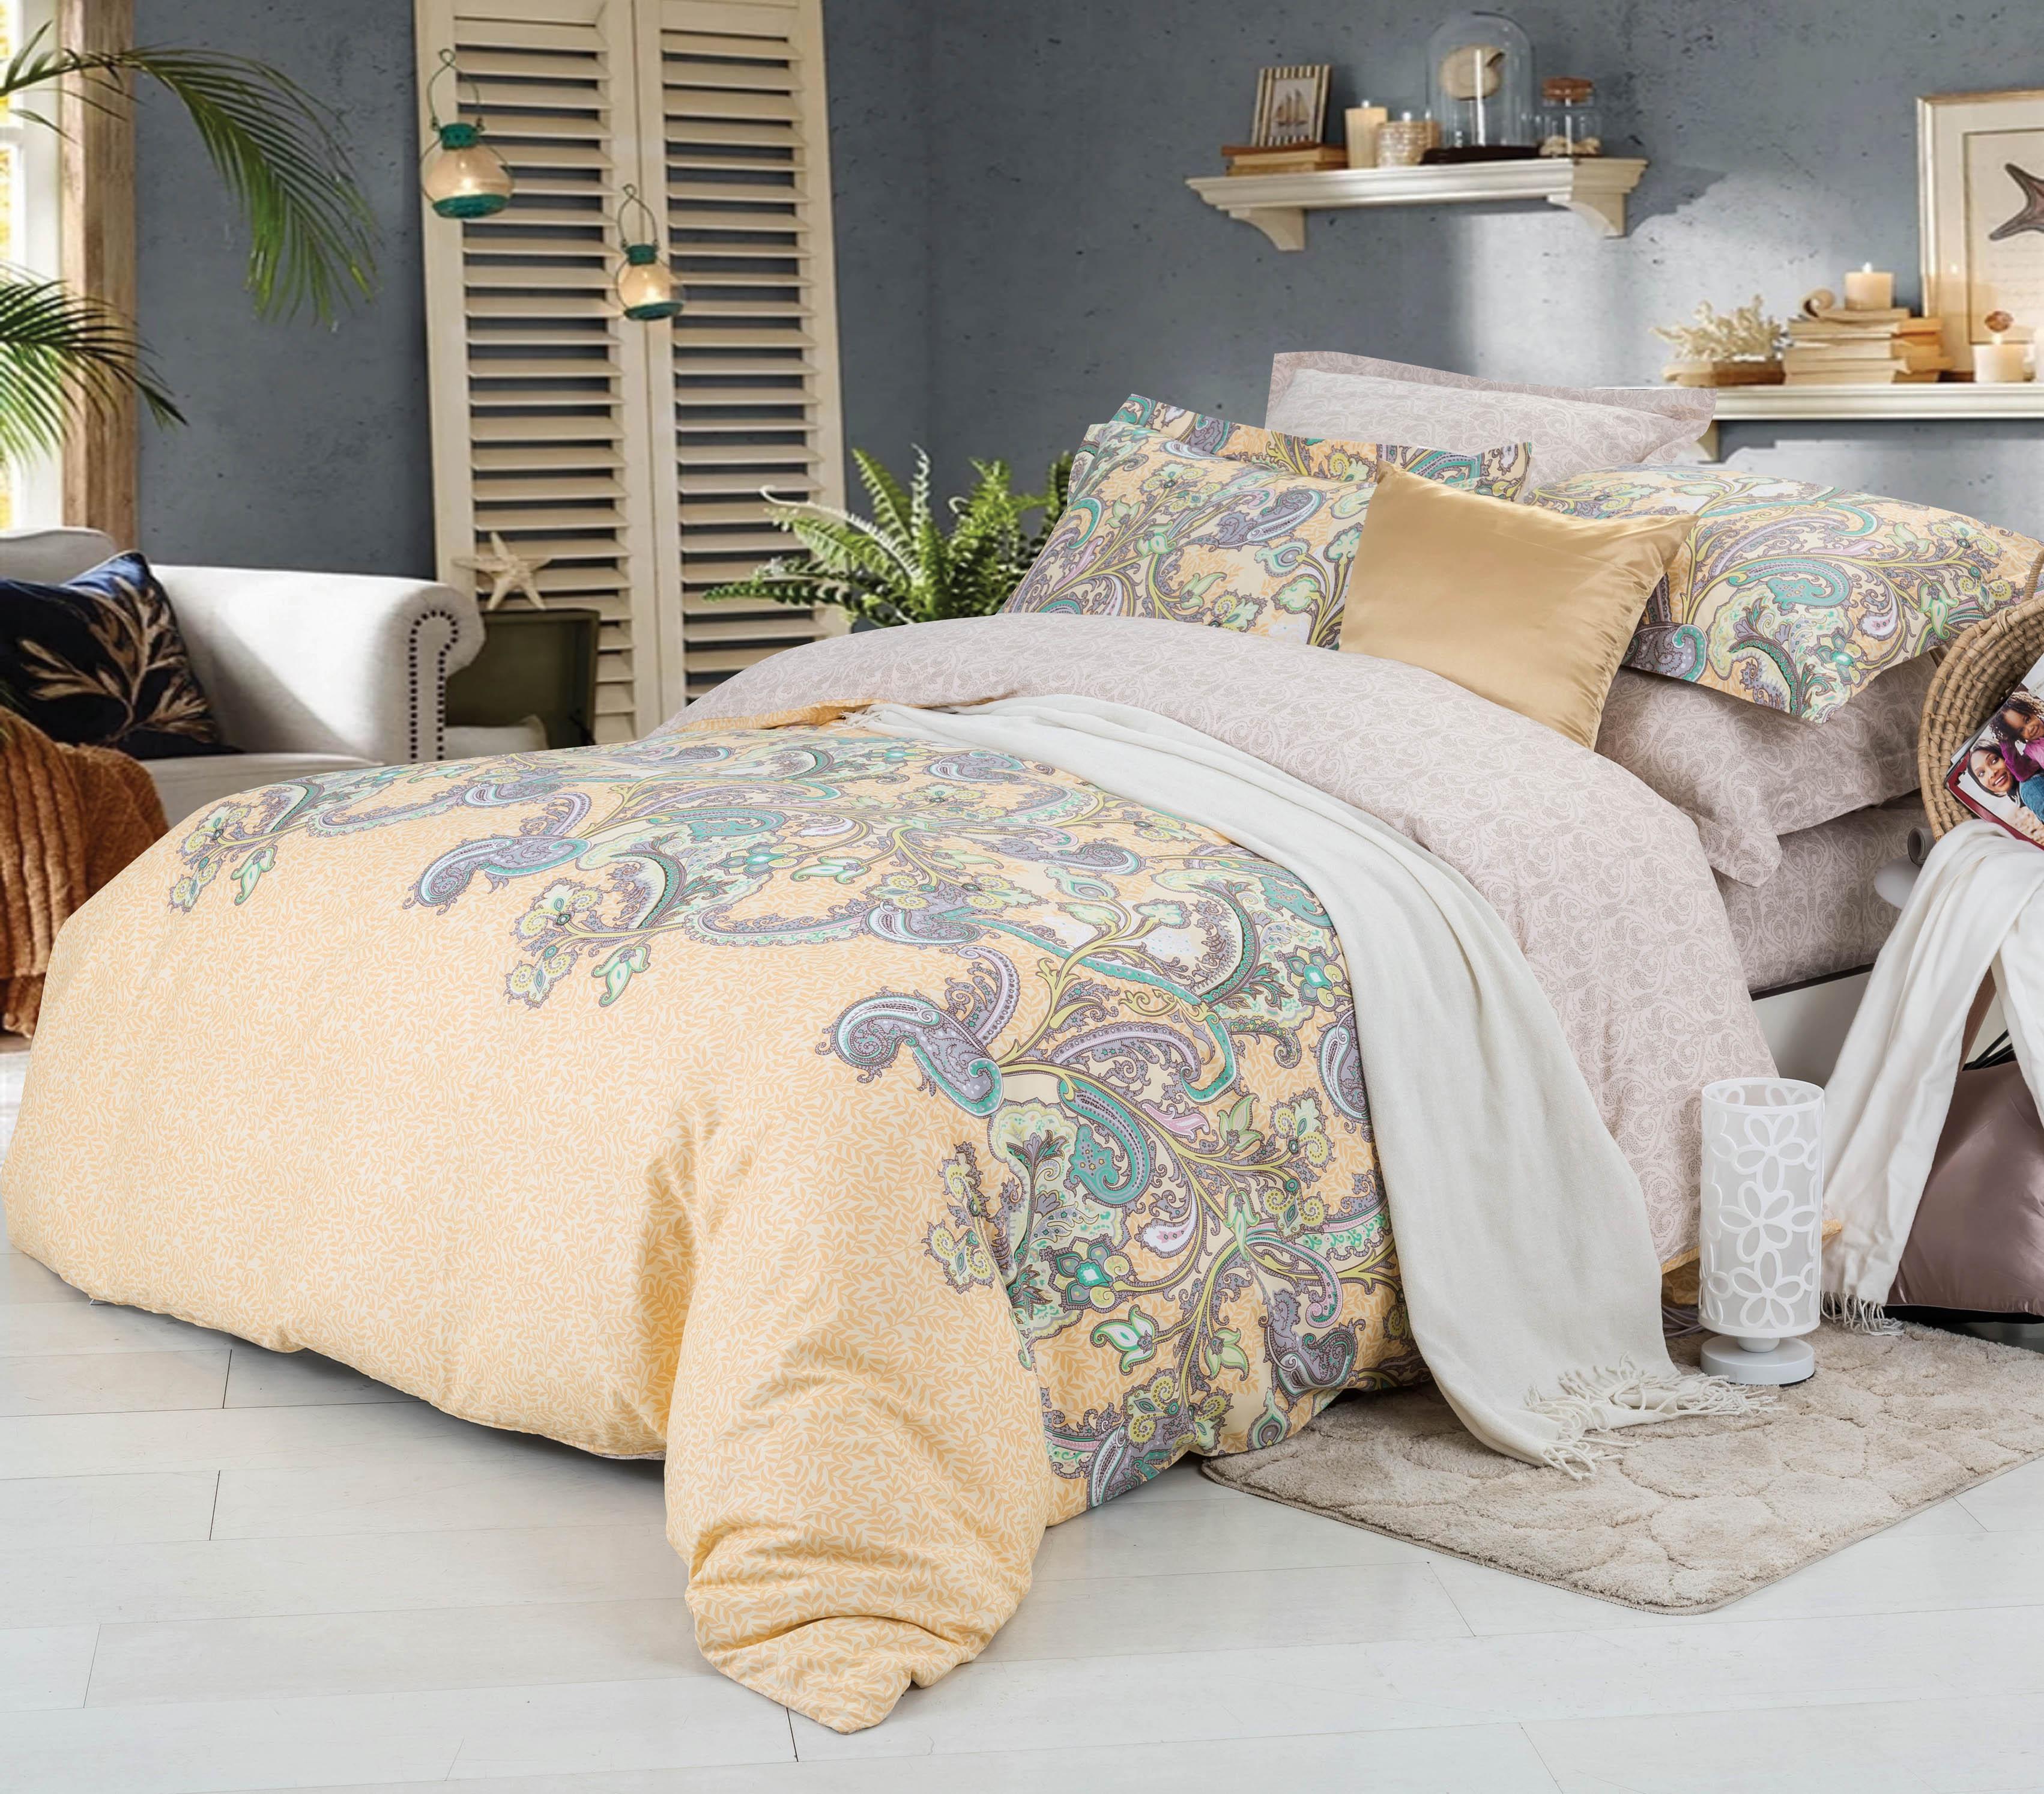 Комплекты постельного белья СайлиД Постельное бельеSeriate B-181(2 сп. евро) постельное белье сайлид постельное белье cayla b 3 1 5 сп